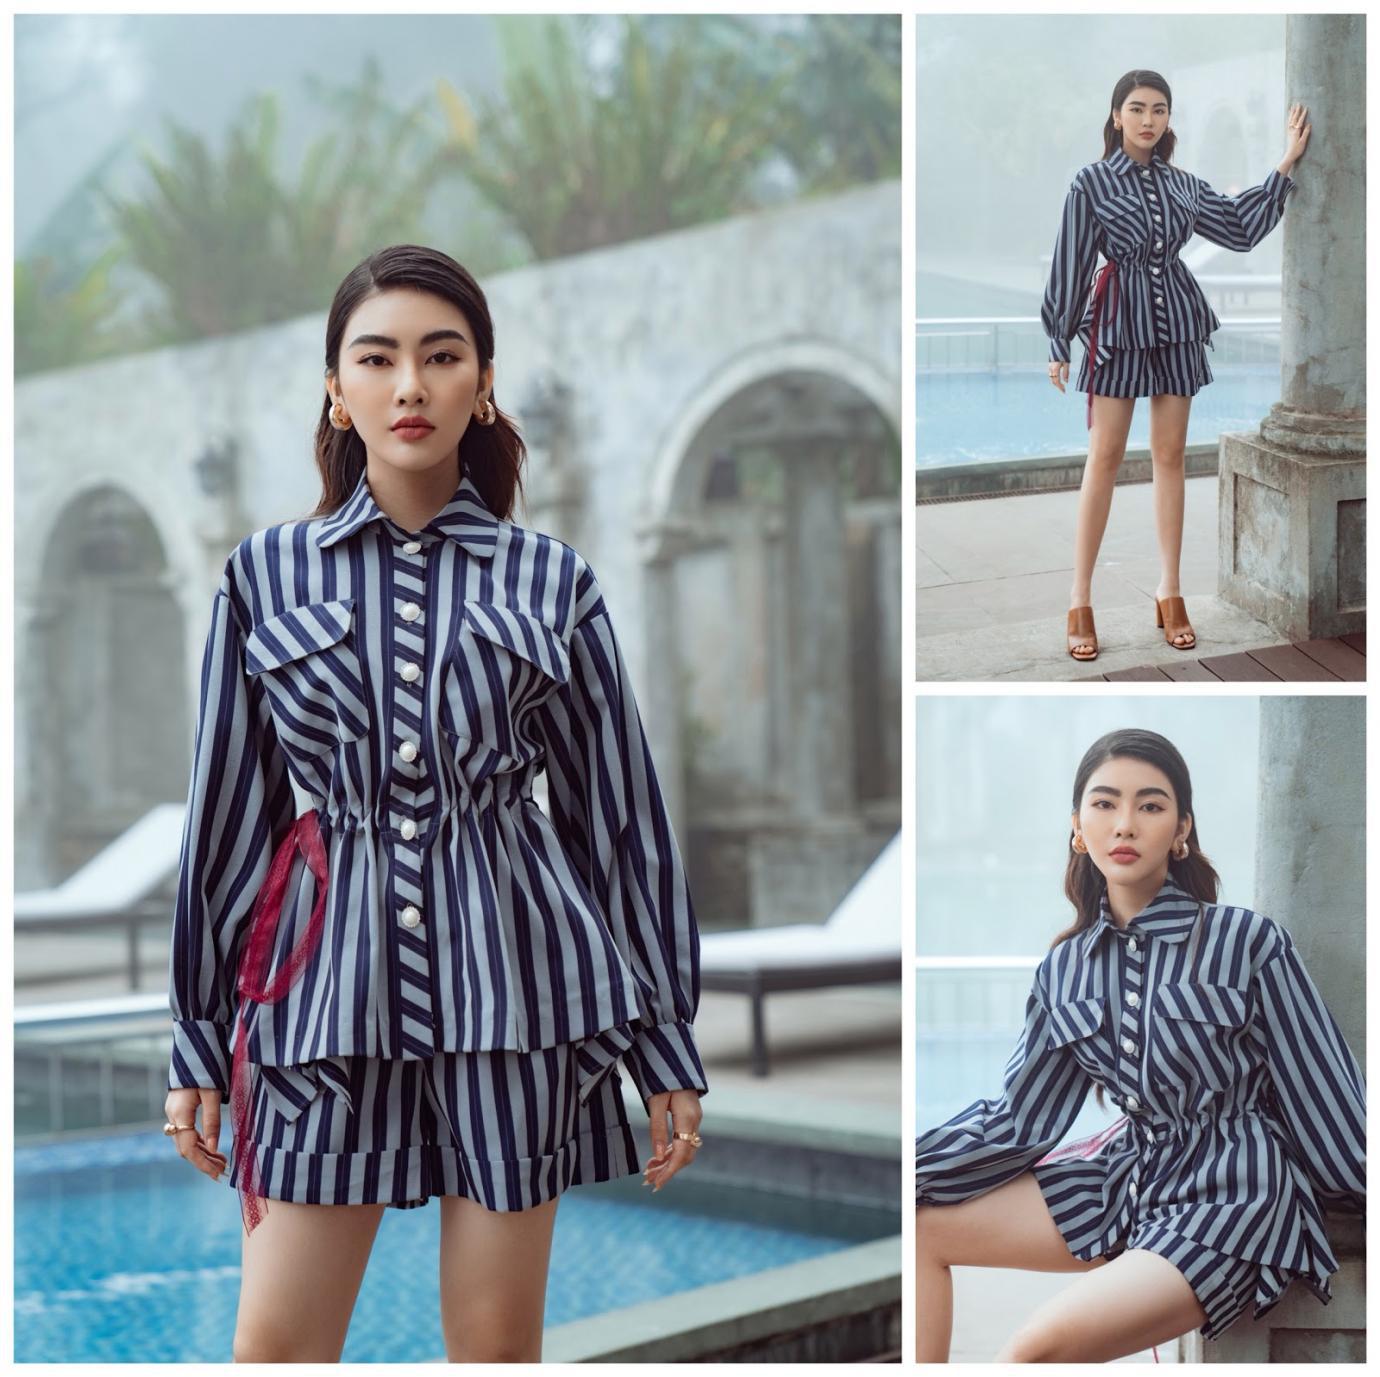 Leenaa clothing gợi ý 7 outfit xuân-hè ngọt ngào tươi mới gây sốt trong năm nay - Ảnh 4.